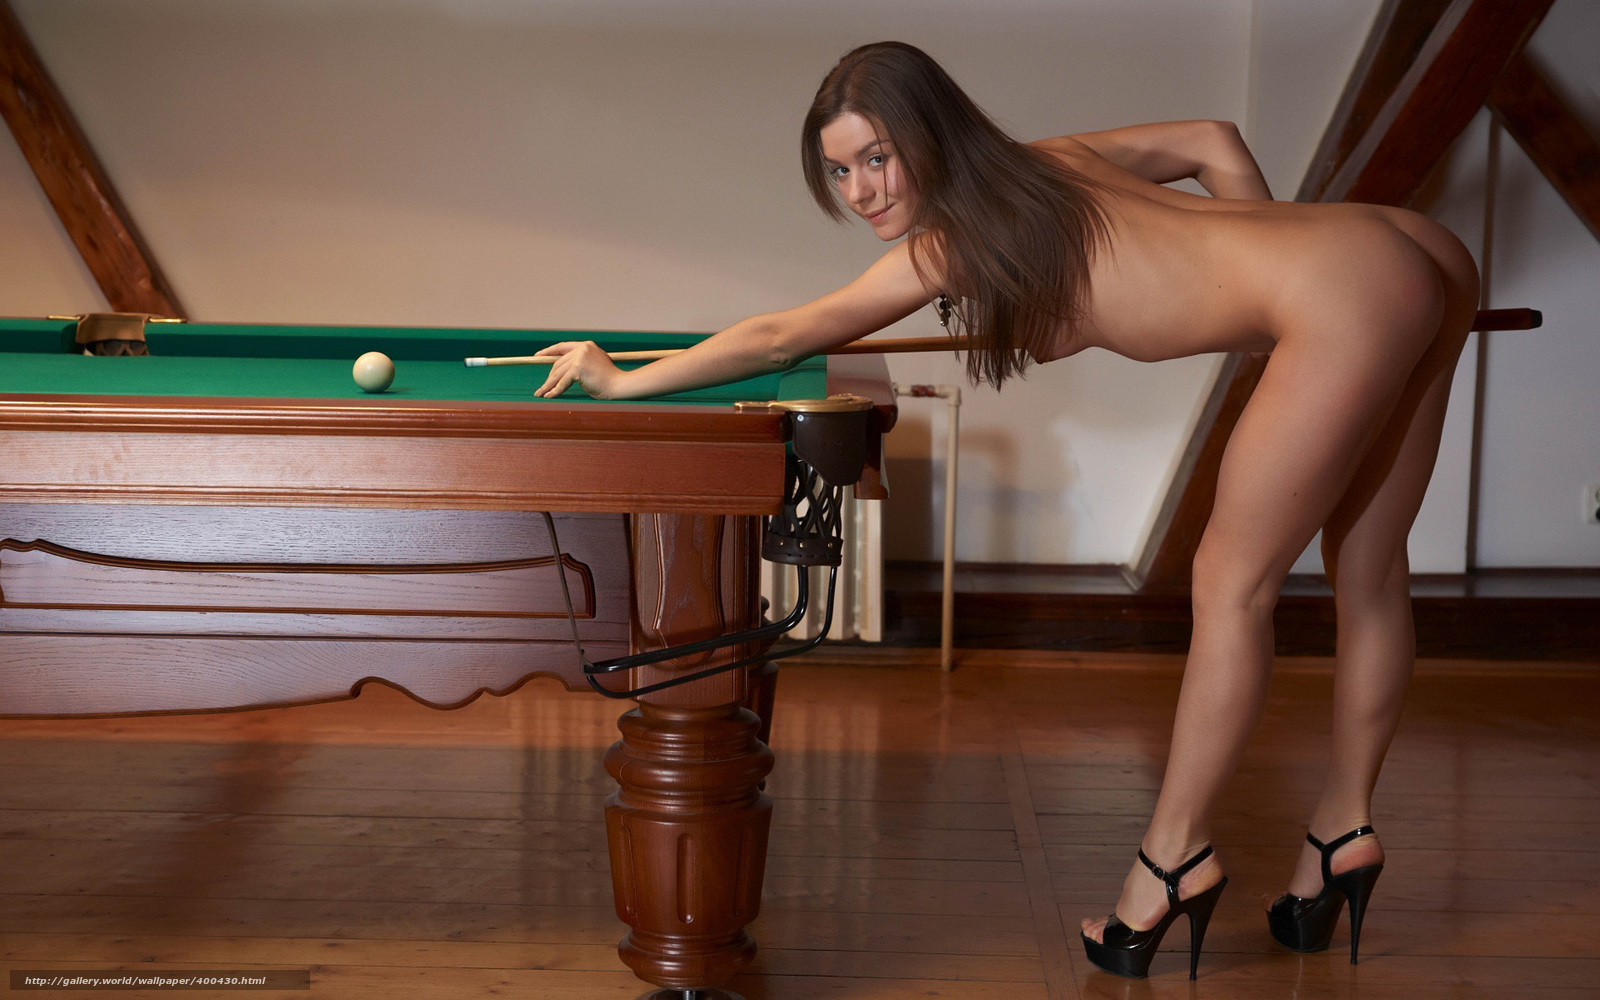 Сексуальные расказы игра в бильярд 15 фотография